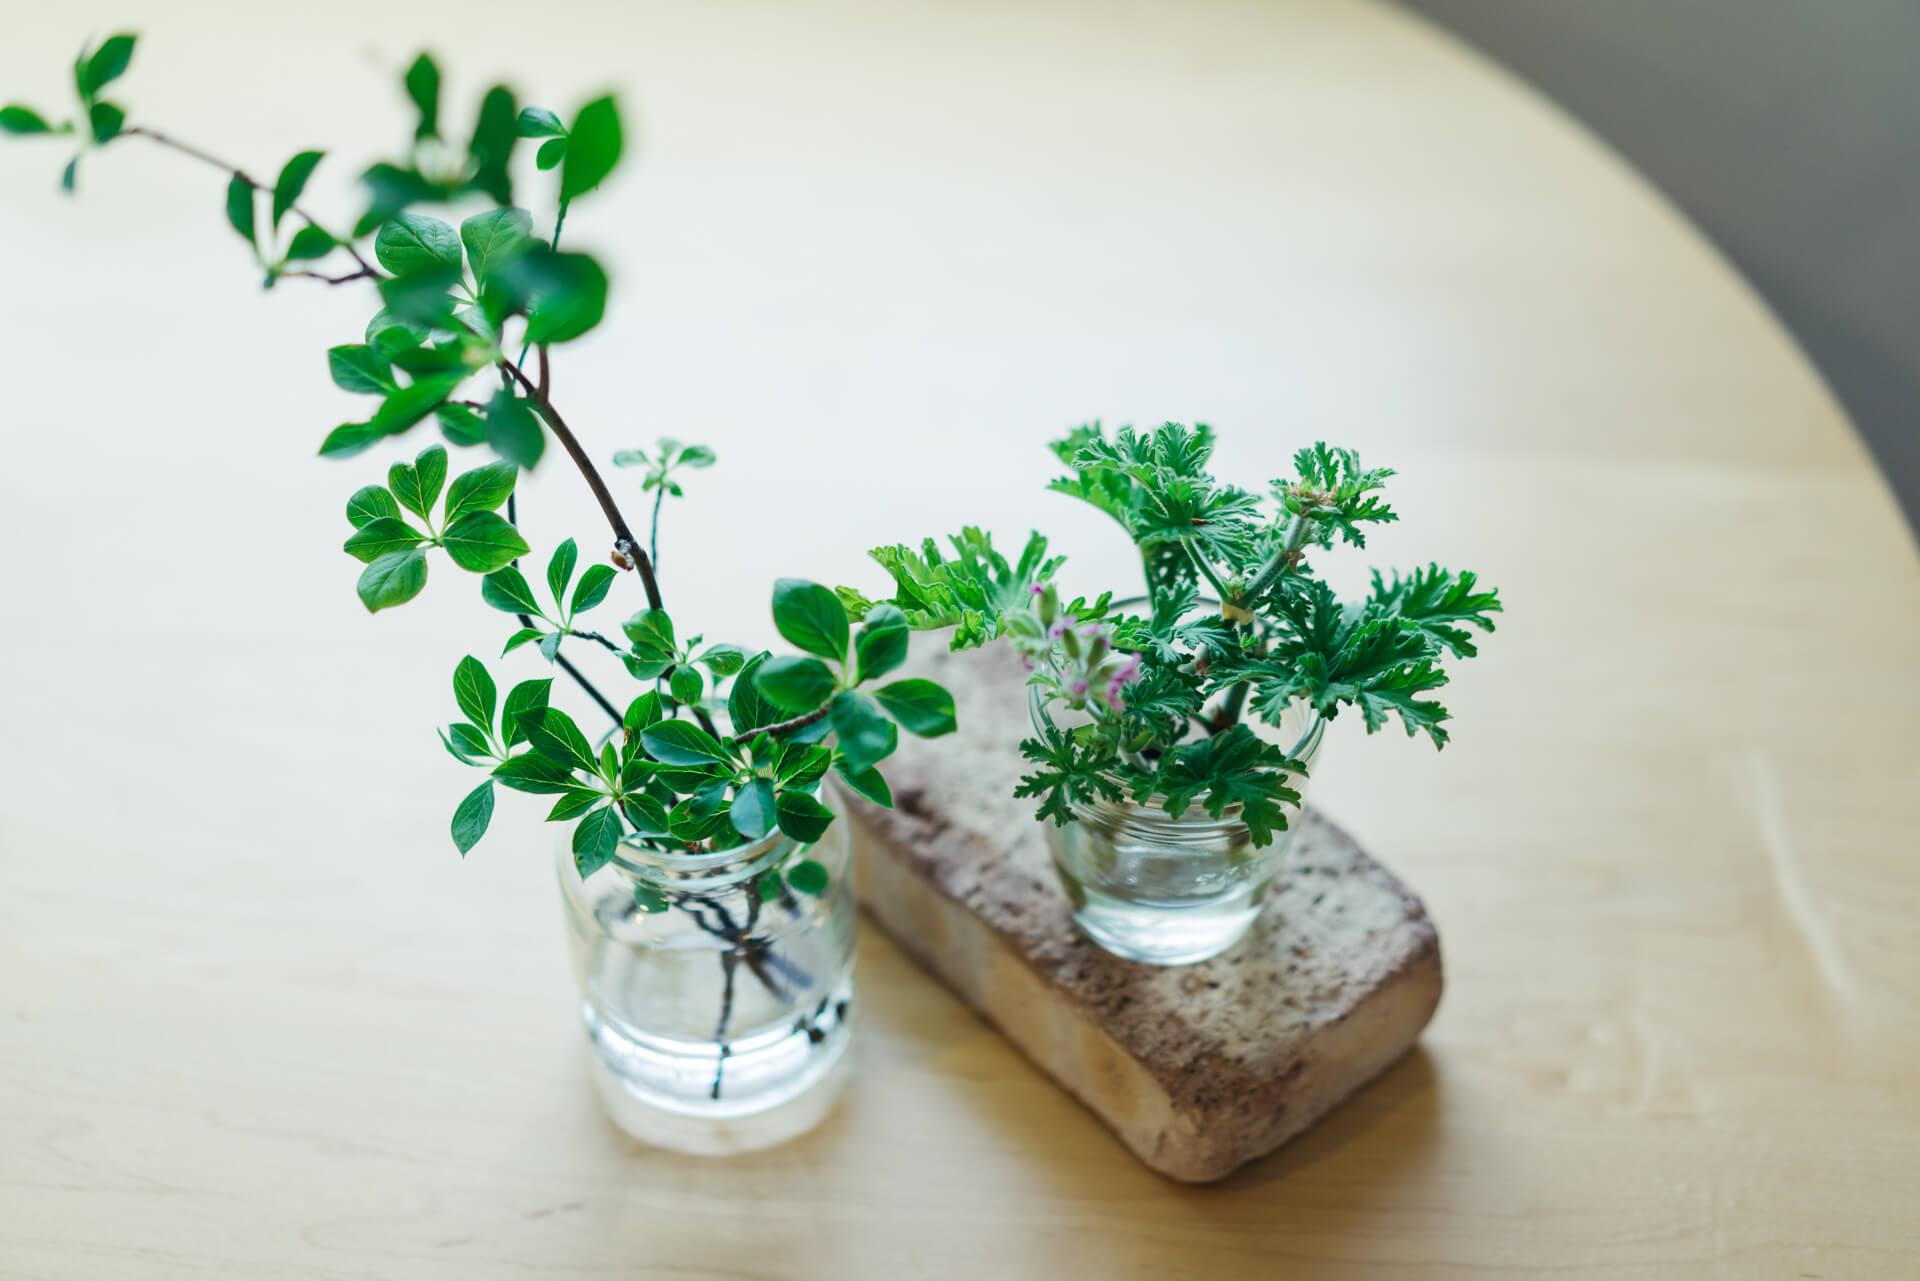 ブーケに入っていた小さなグリーンも、水に挿して大きく育てます。